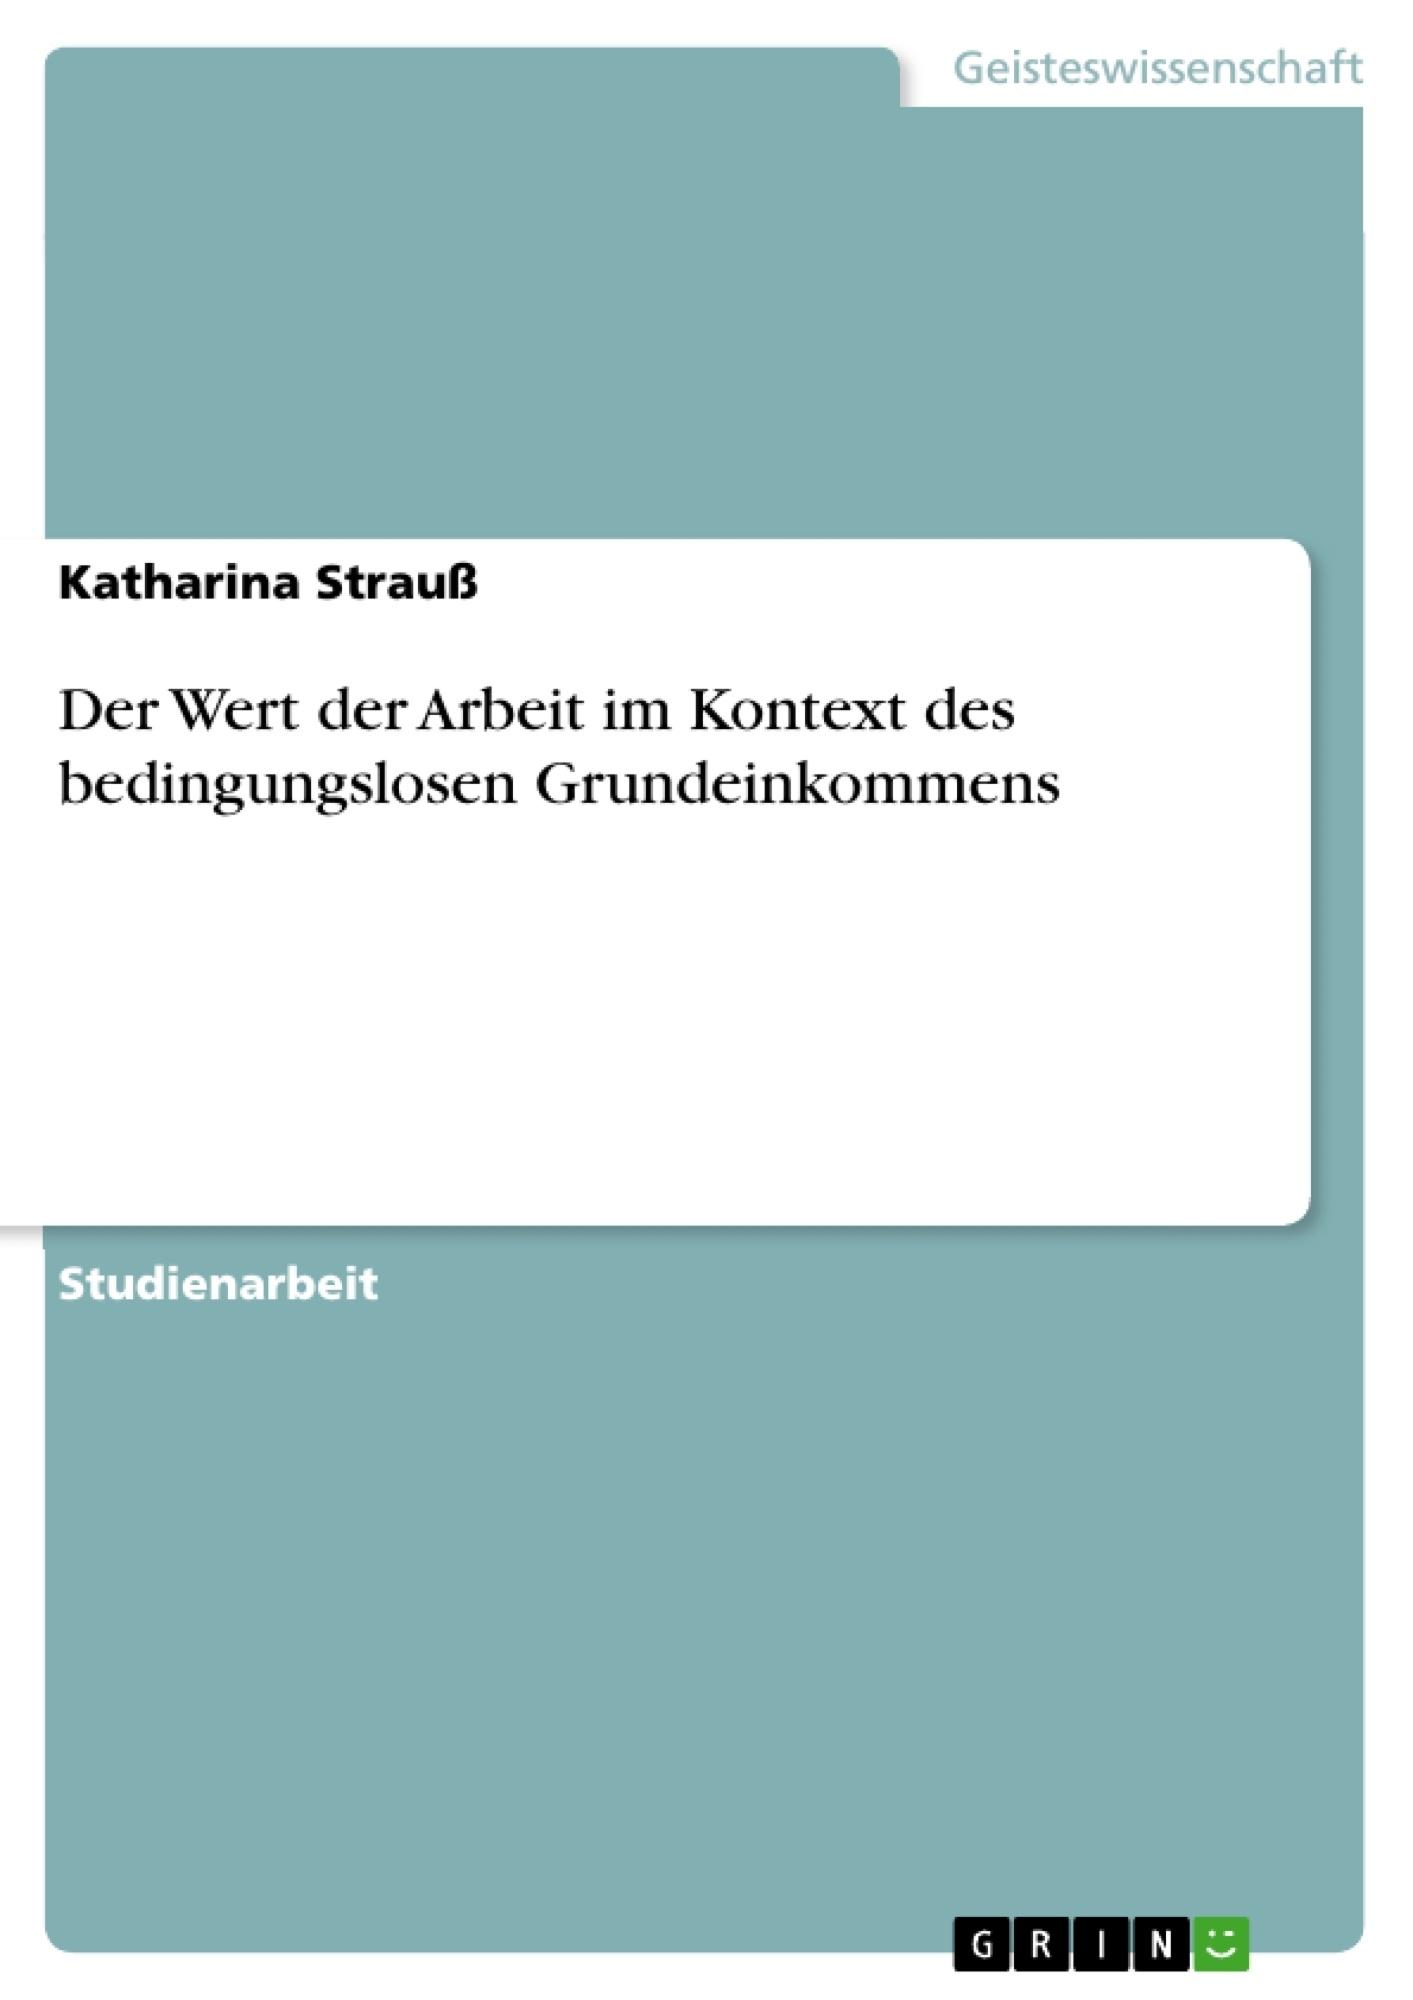 Titel: Der Wert der Arbeit im Kontext des bedingungslosen Grundeinkommens